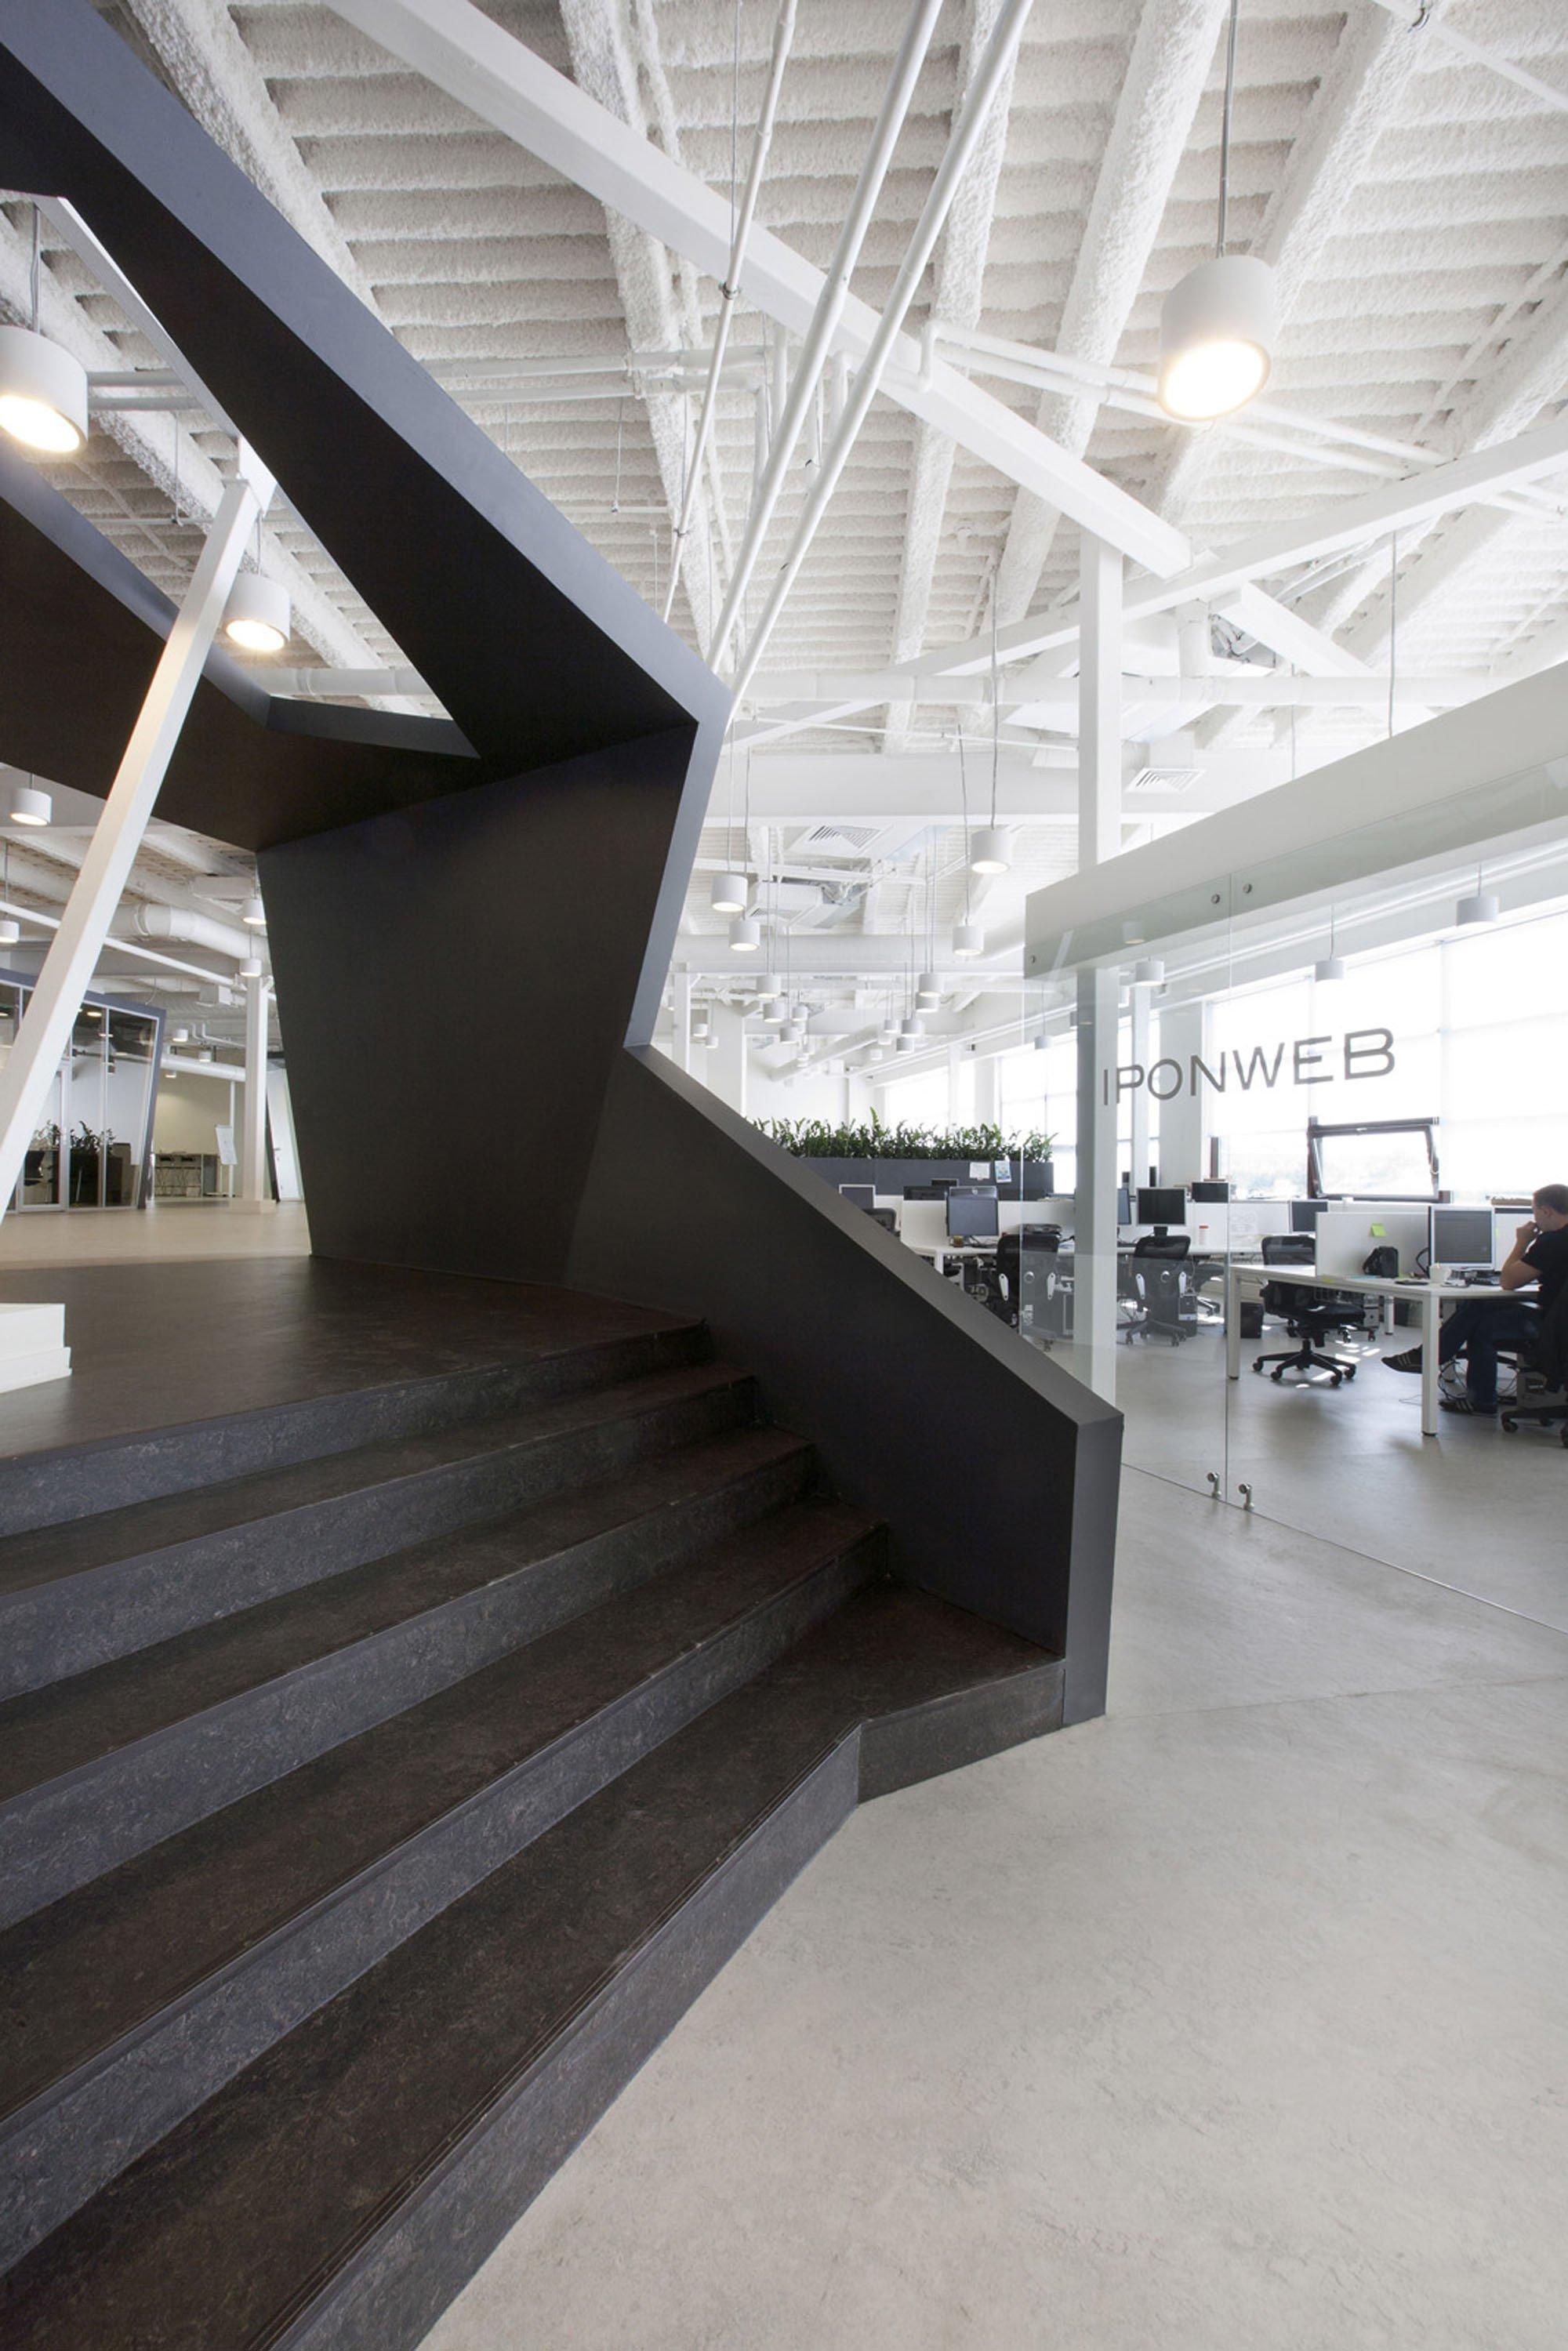 Büros IPONWEB.jpg